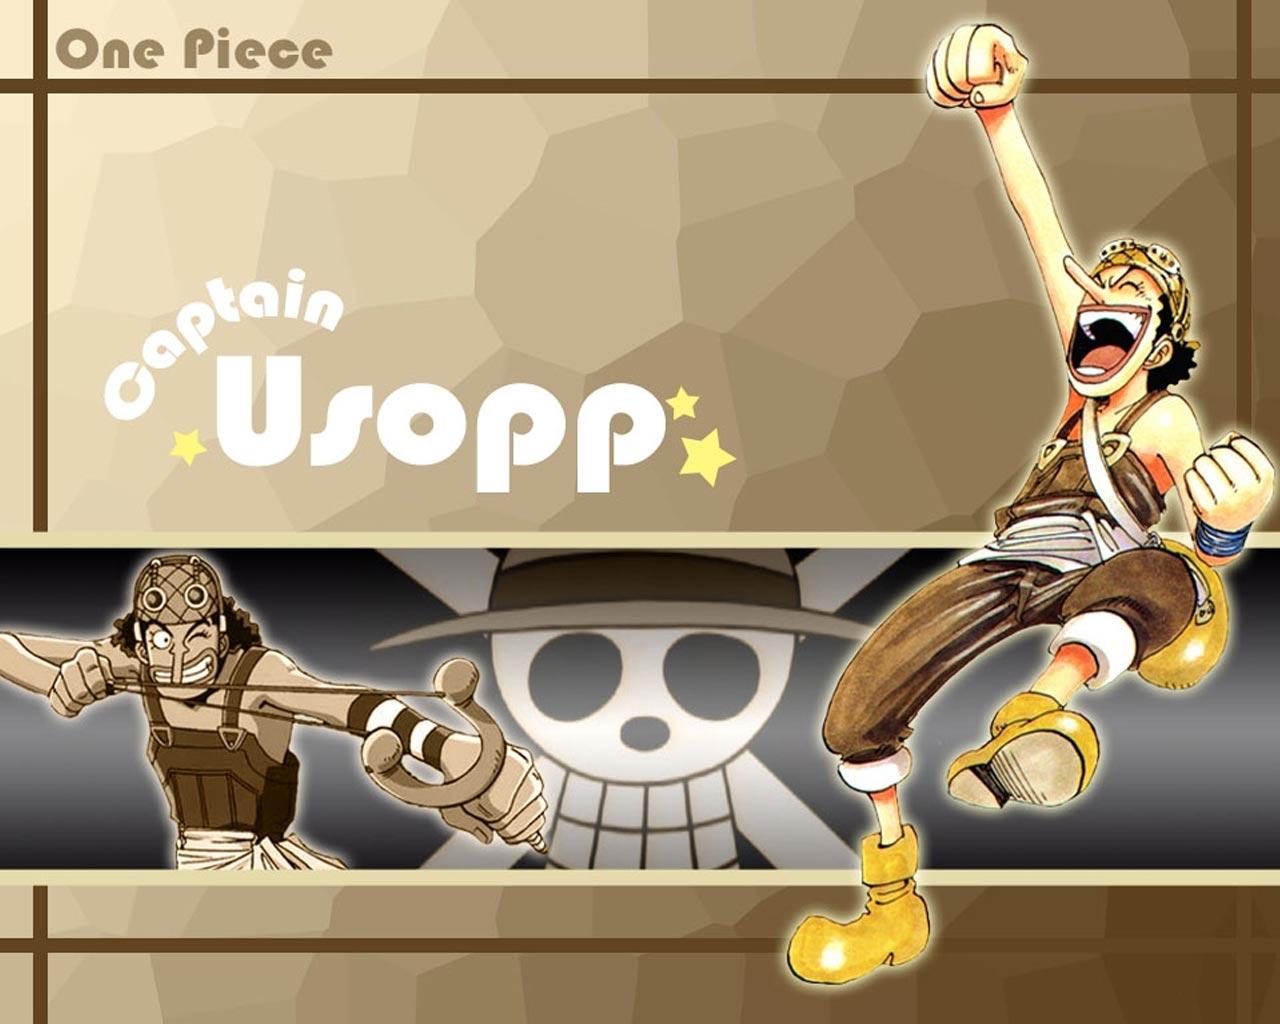 Usop One Piece